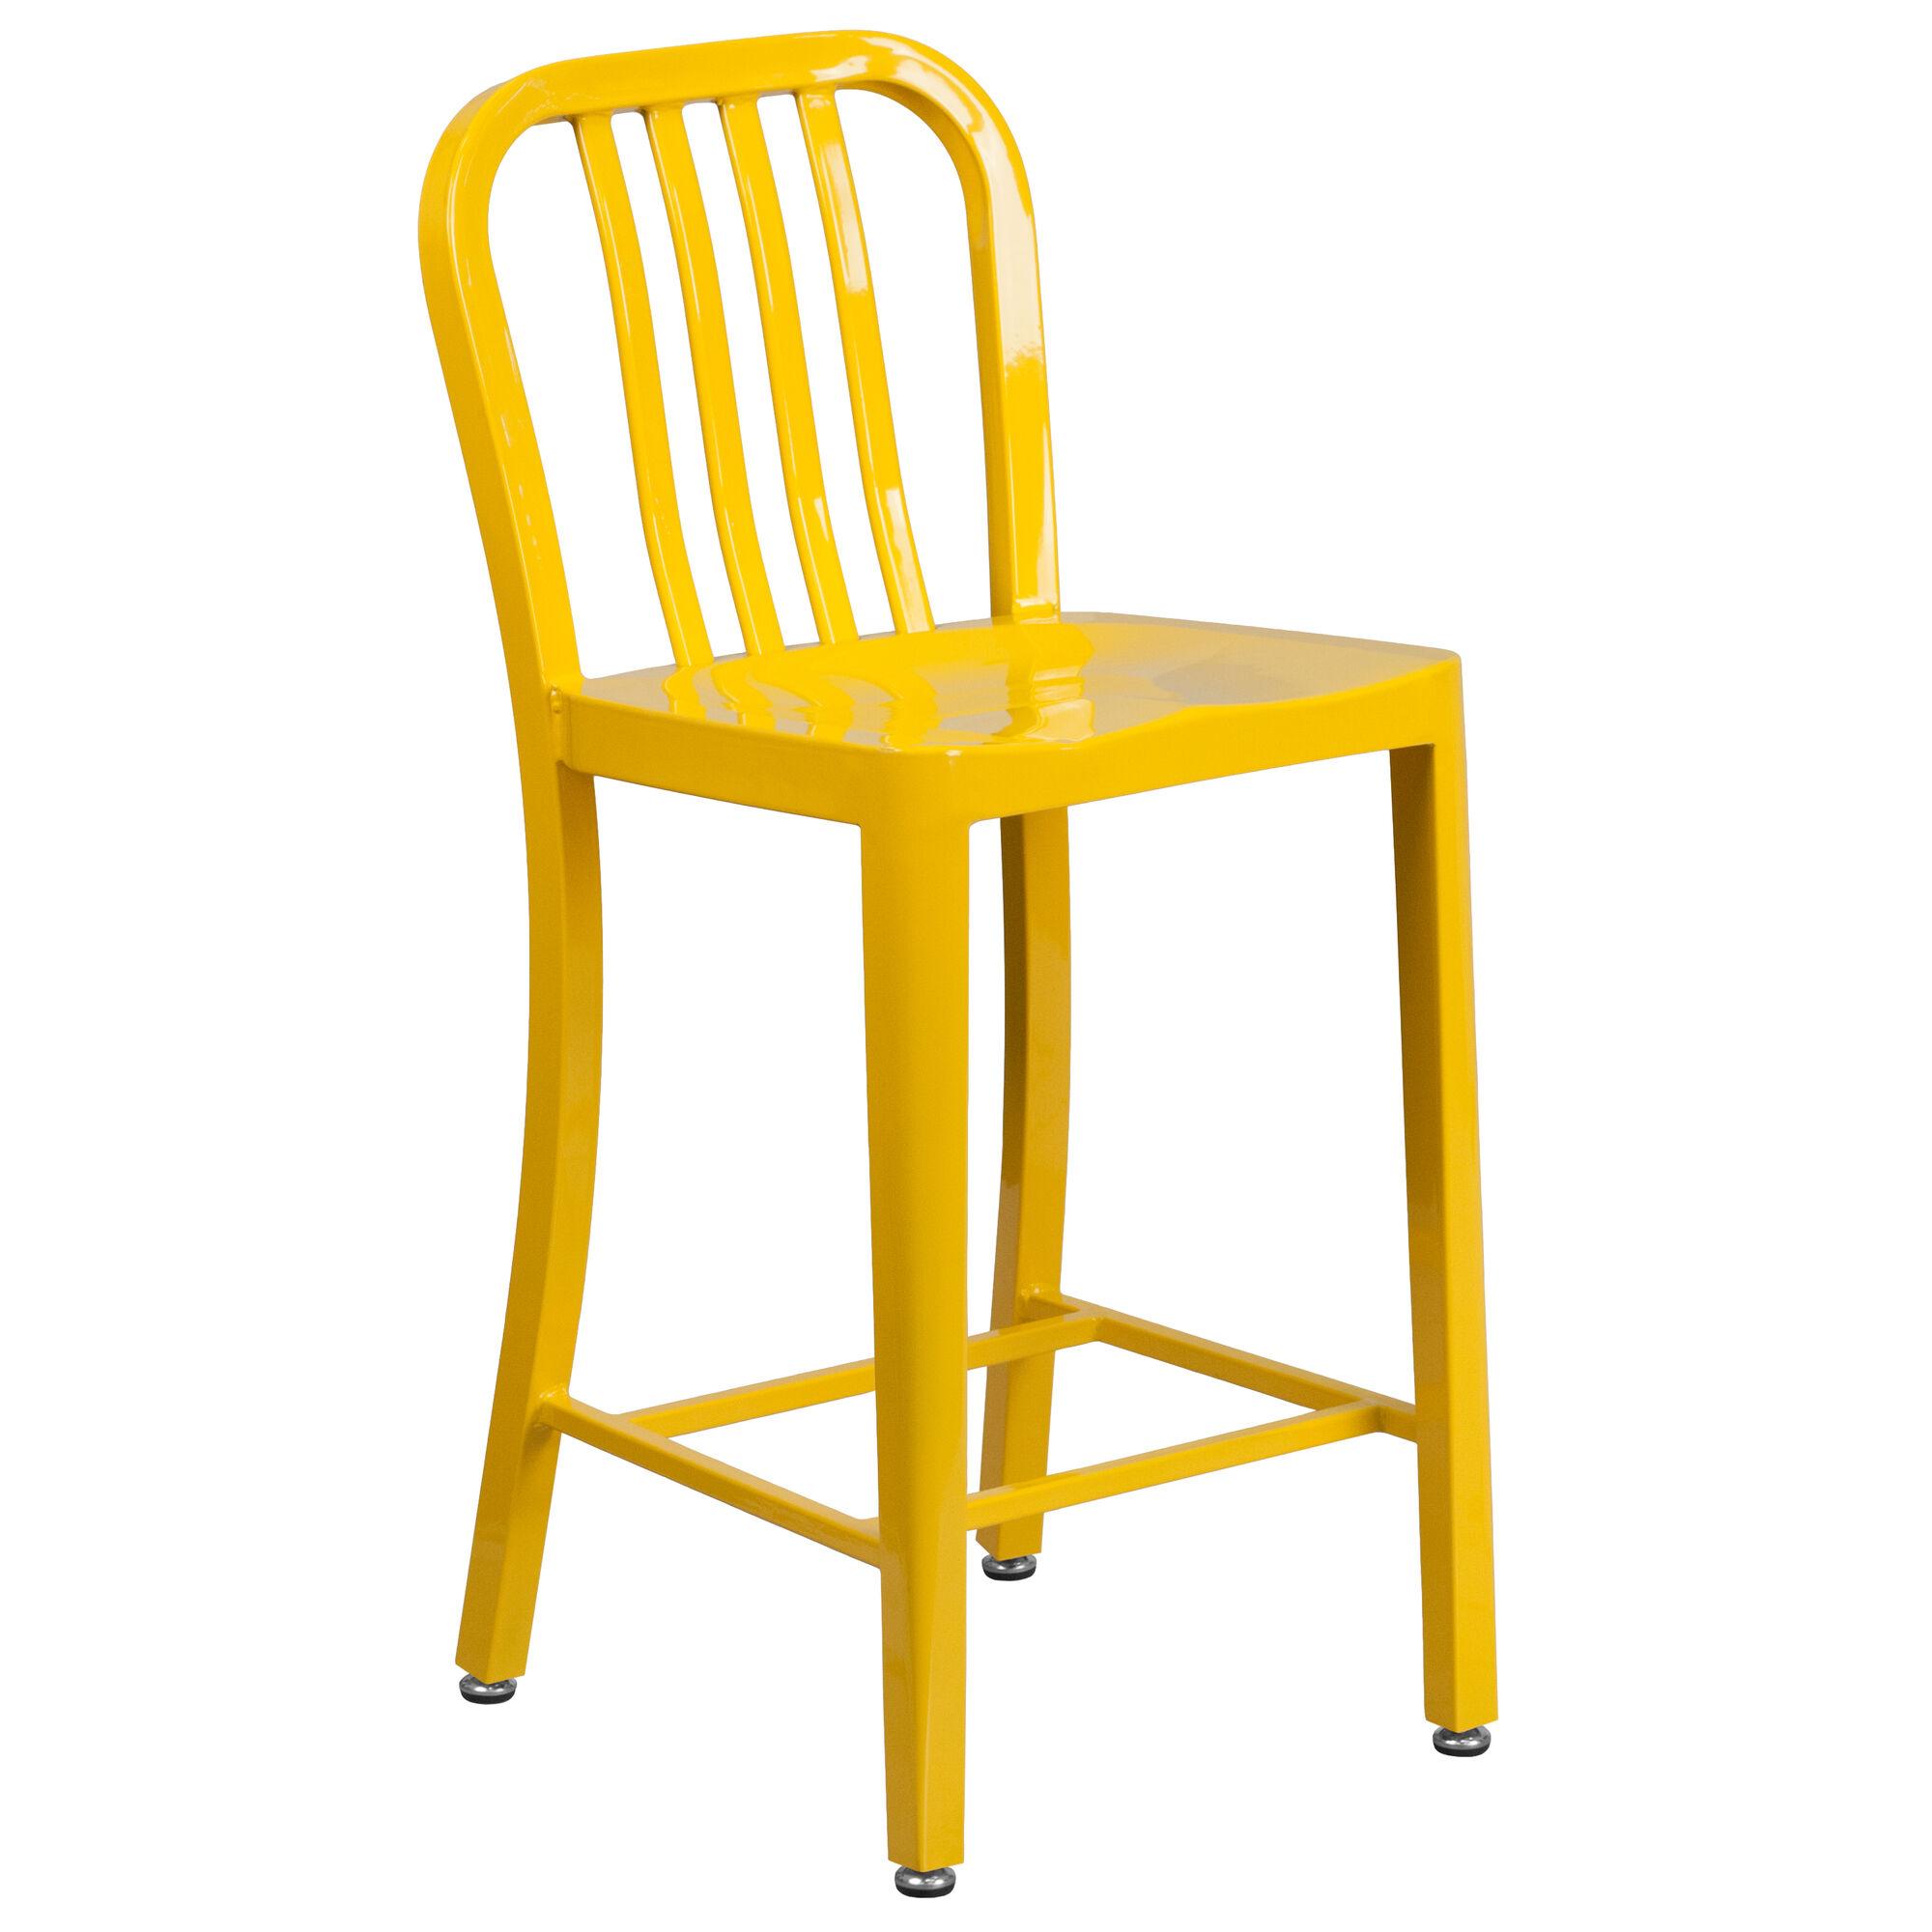 Flash Furniture 24 High Yellow Metal Indoor Outdoor